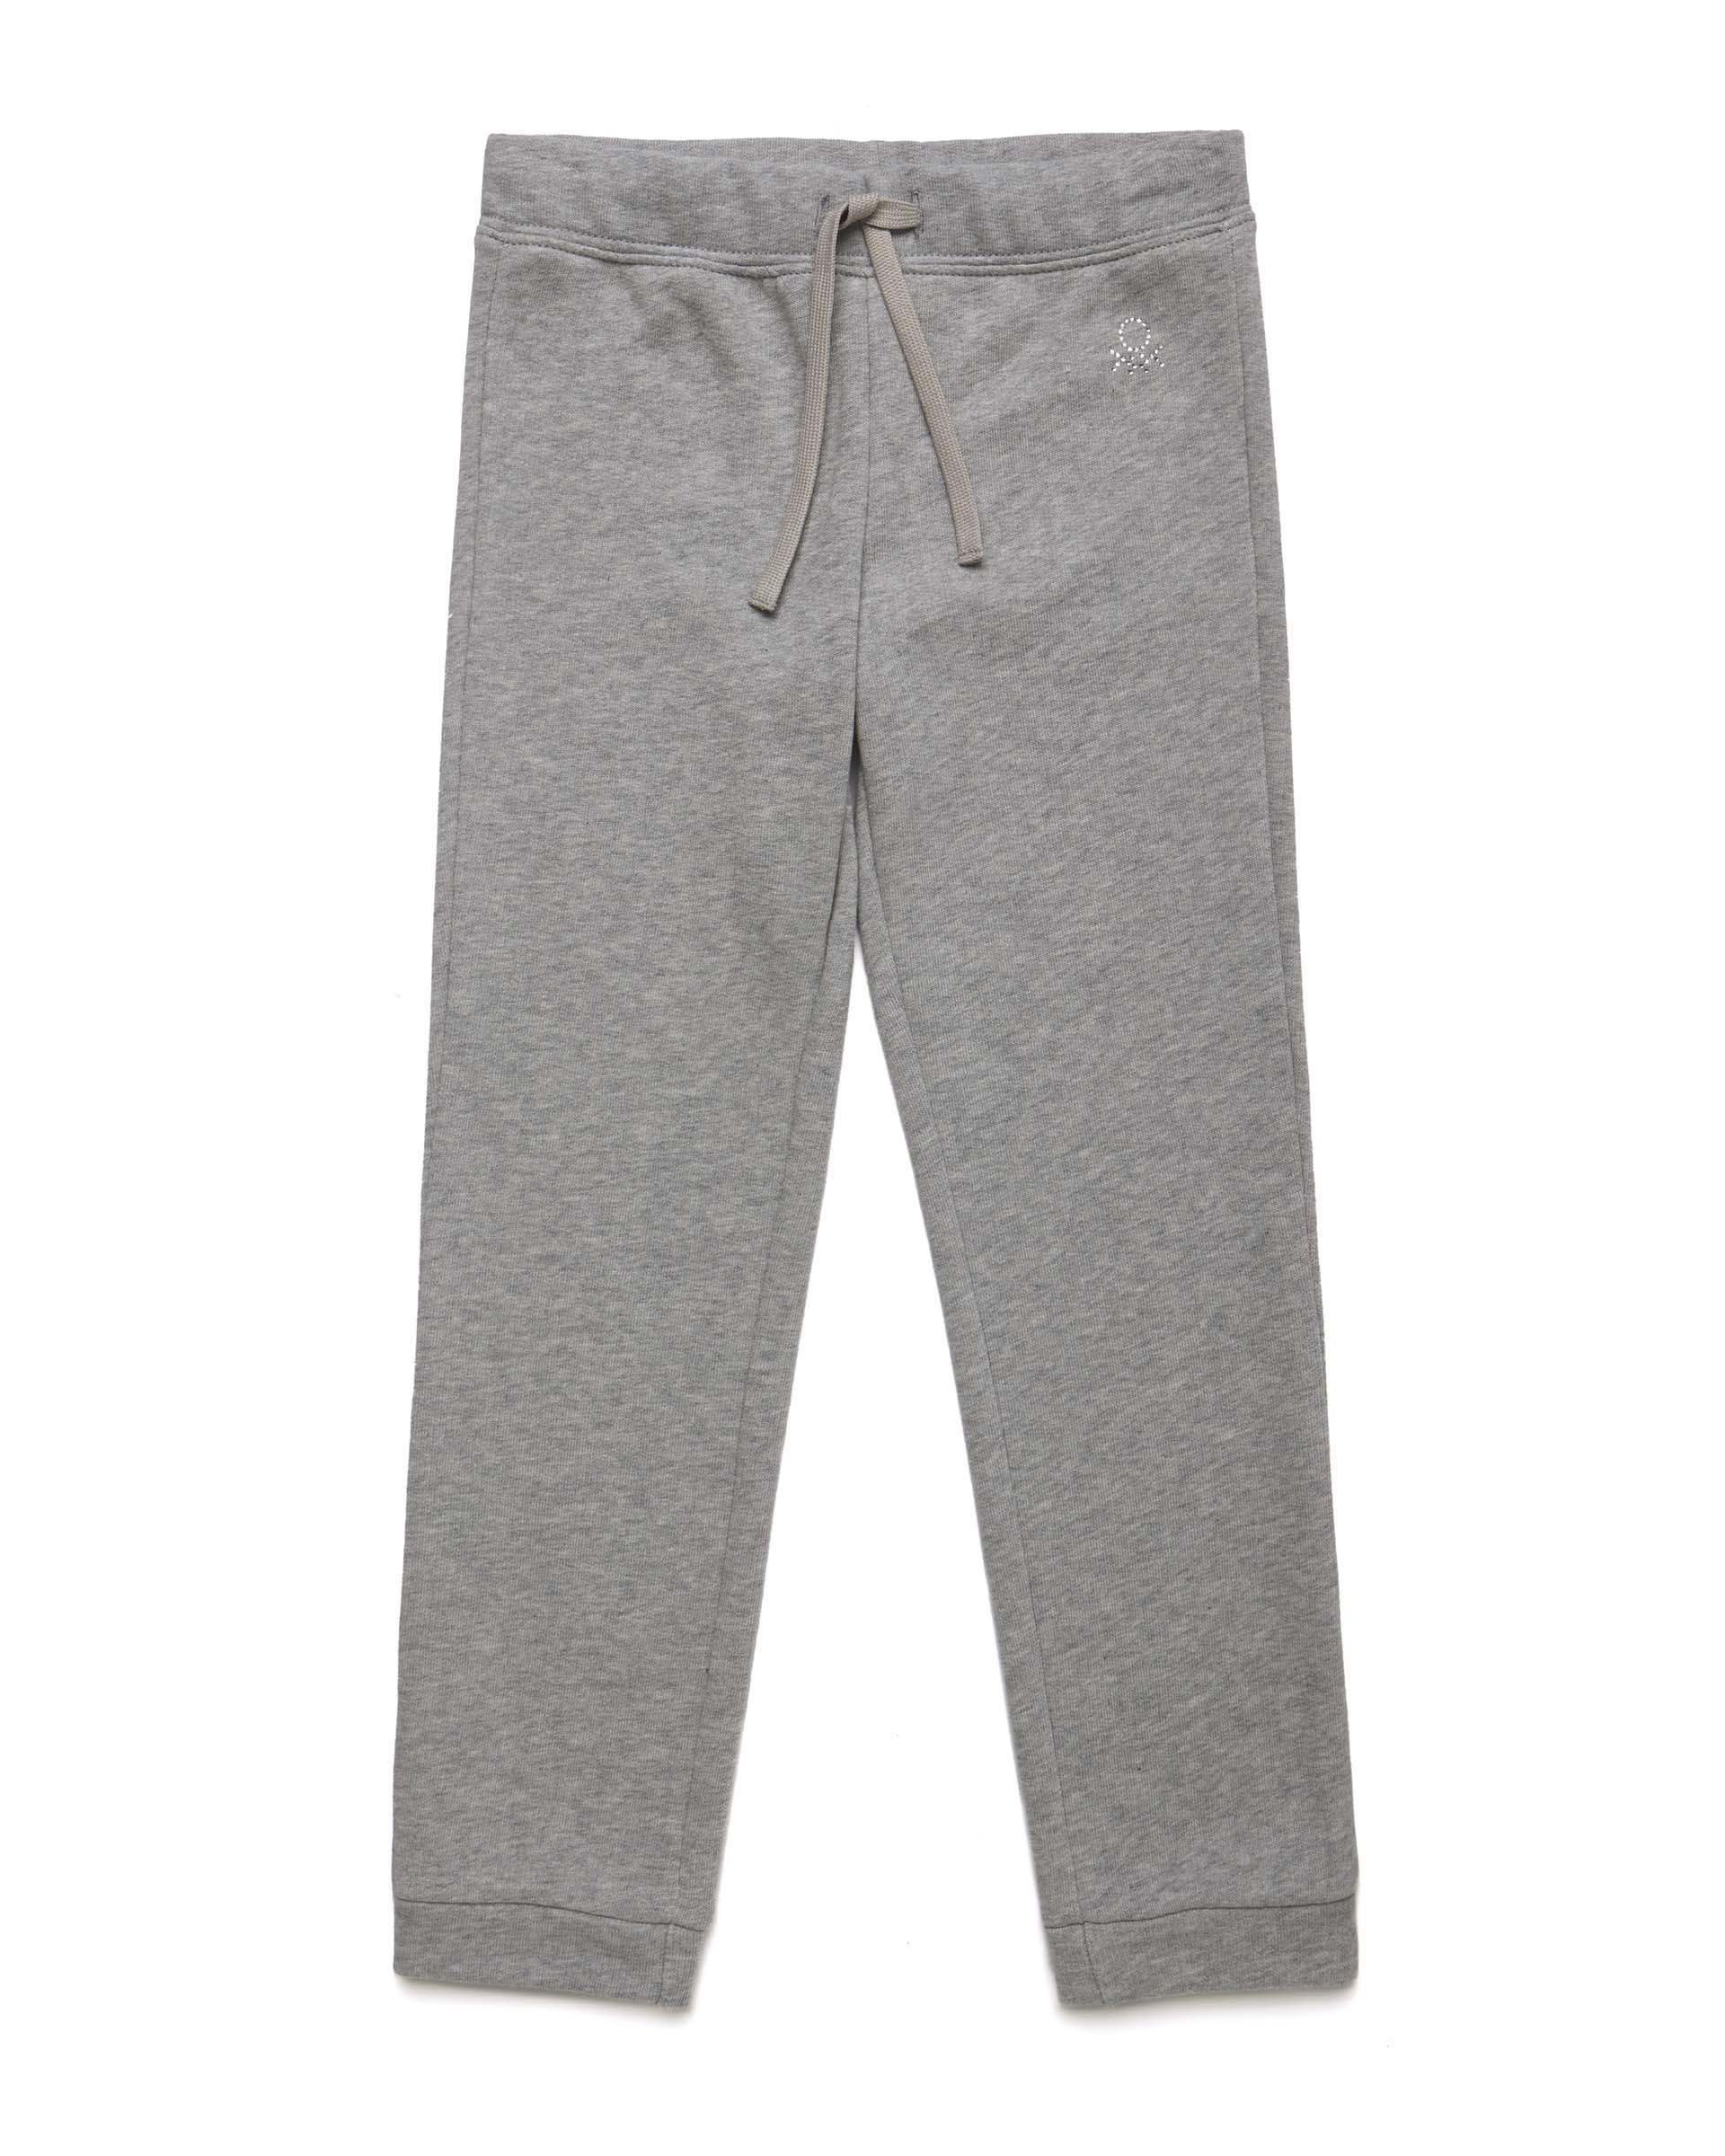 Купить 20P_3J68I0897_501, Спортивные брюки для девочек Benetton 3J68I0897_501 р-р 104, United Colors of Benetton, Брюки для девочек